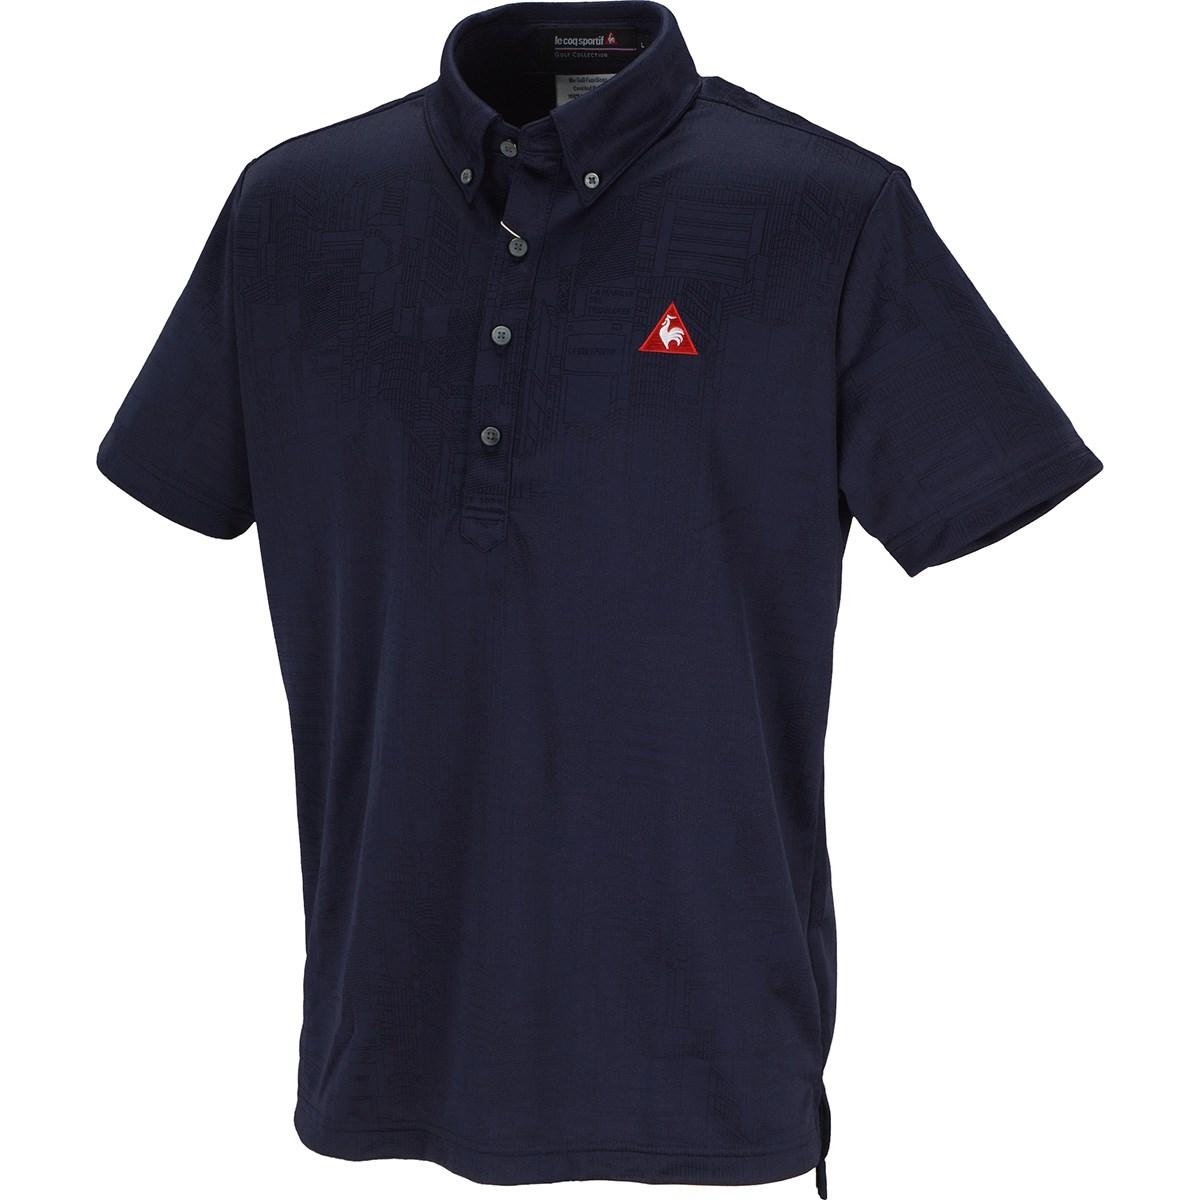 ルコックゴルフ Le coq sportif GOLF シティハイゲージジャガード 半袖ポロシャツ M ネイビー 00